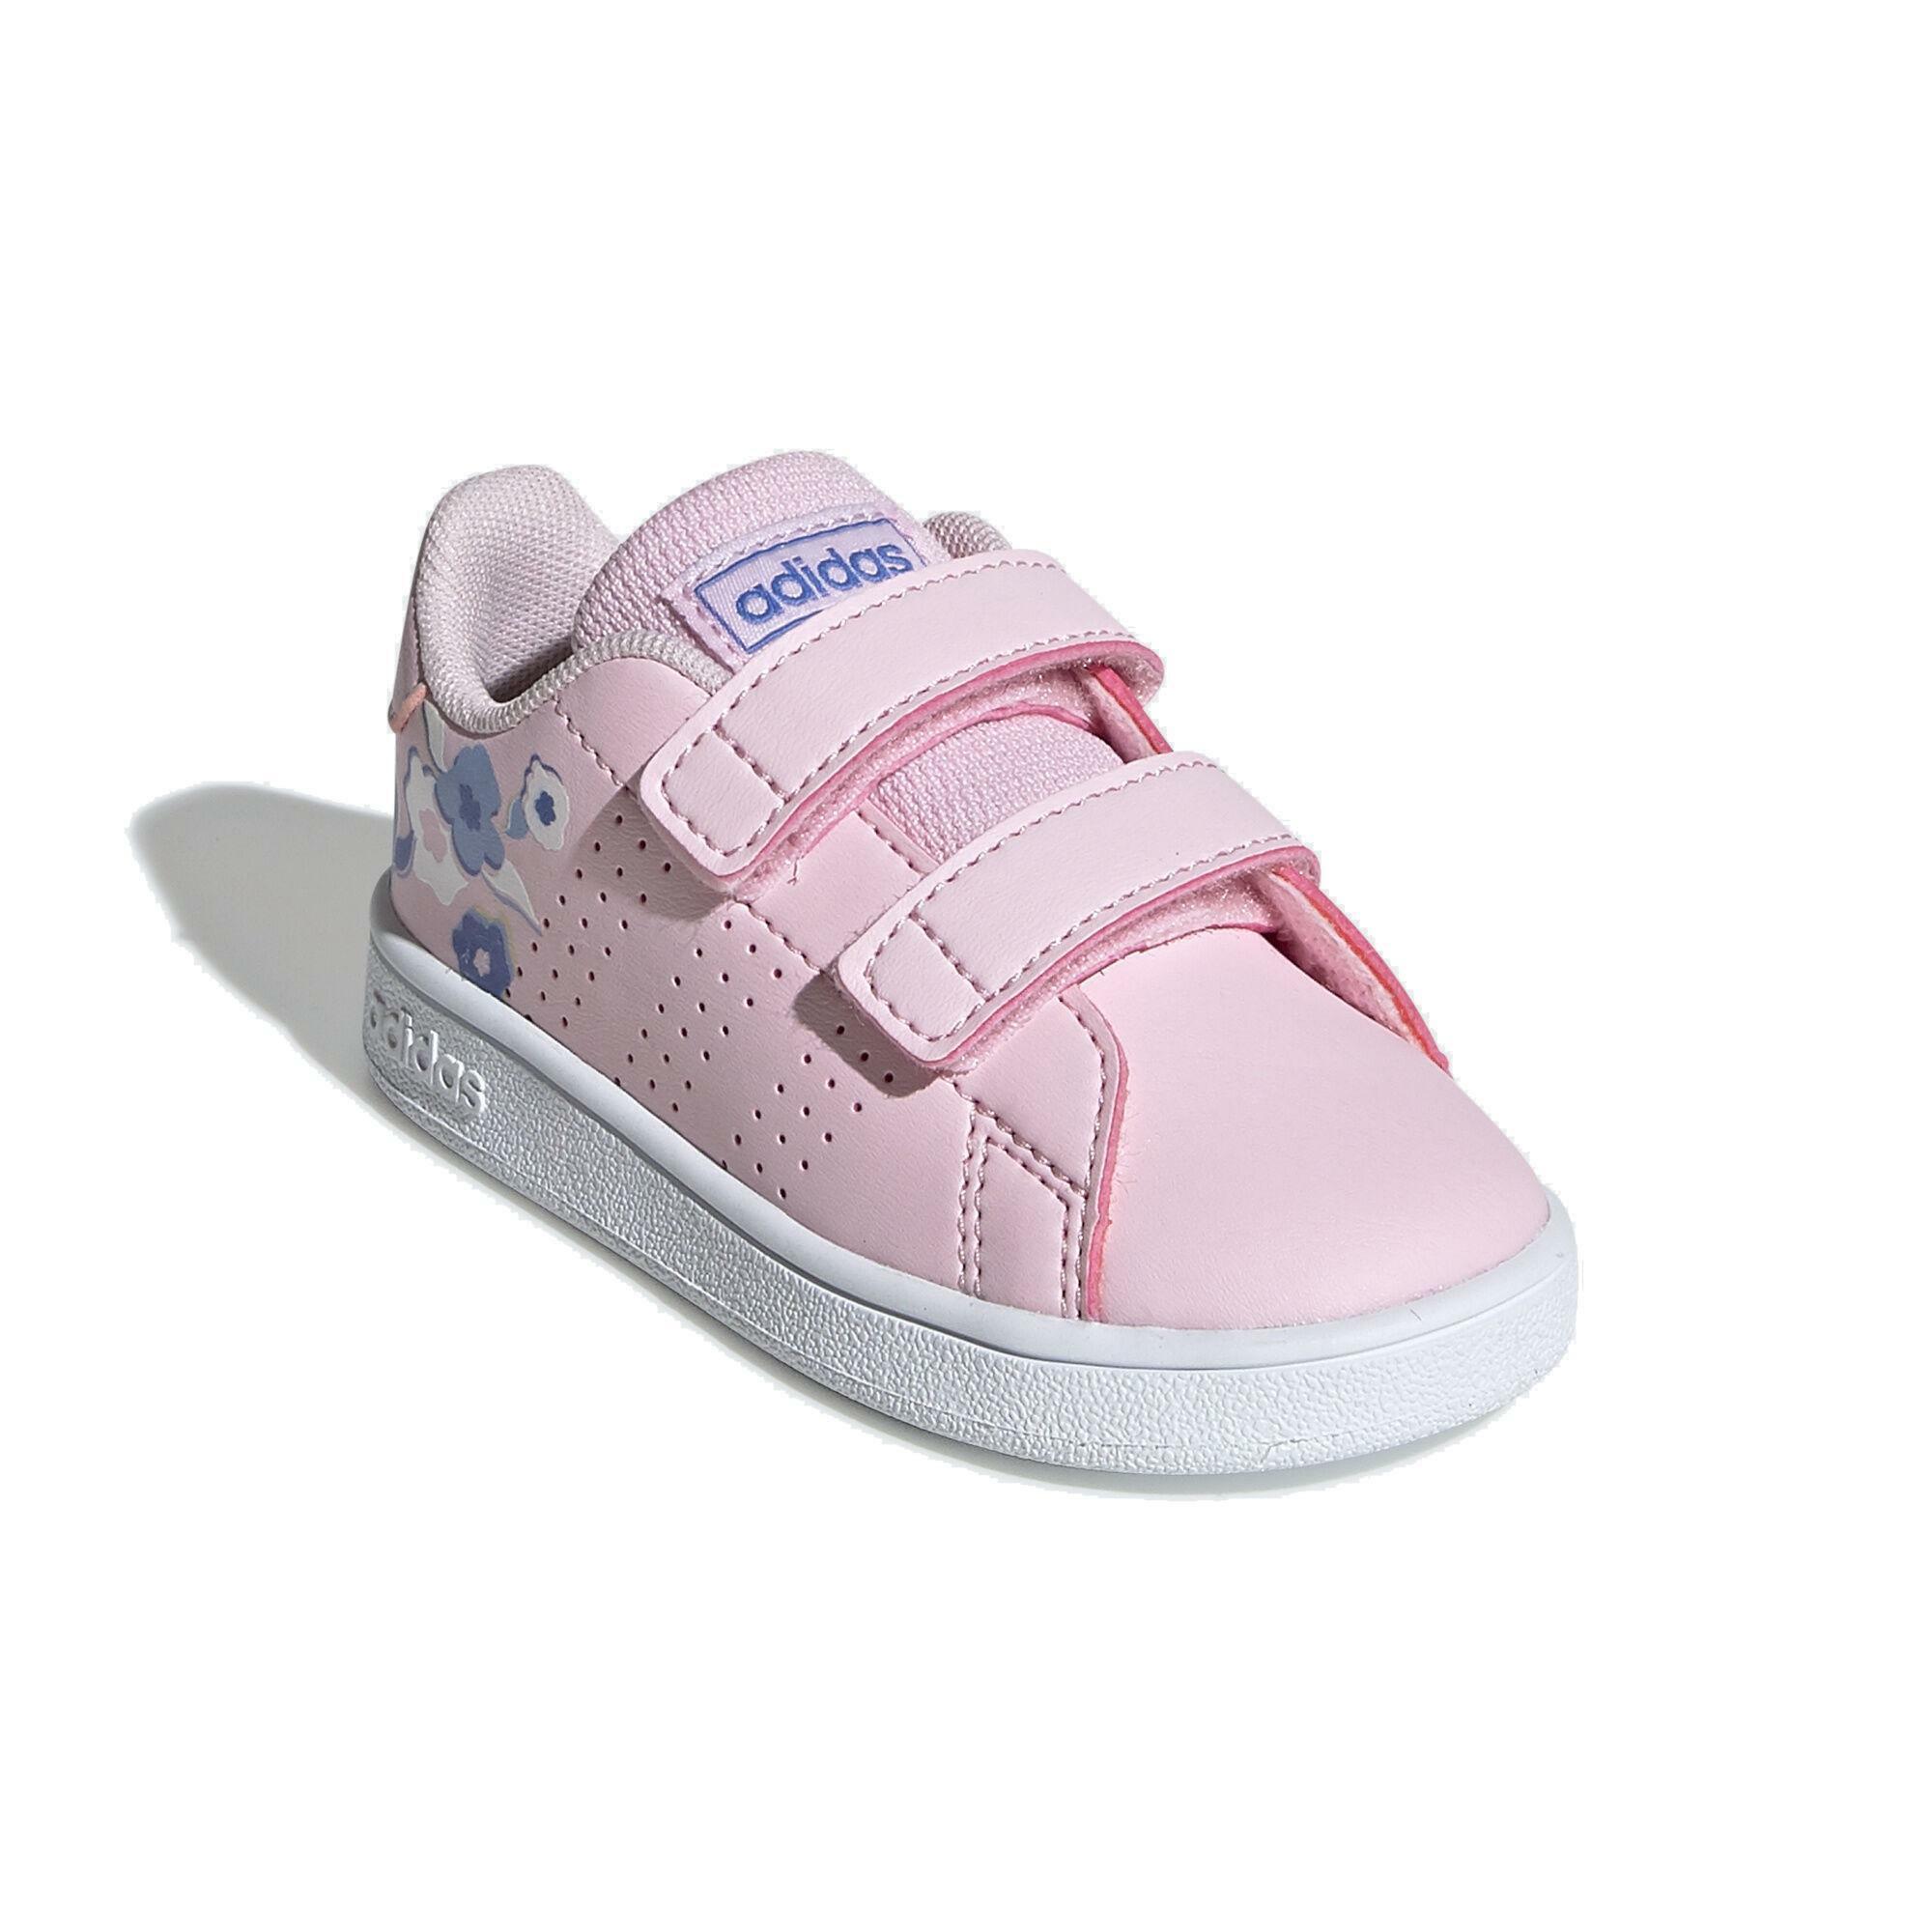 adidas adidas advantage i bambina strappo sportivo ef0304 rosa